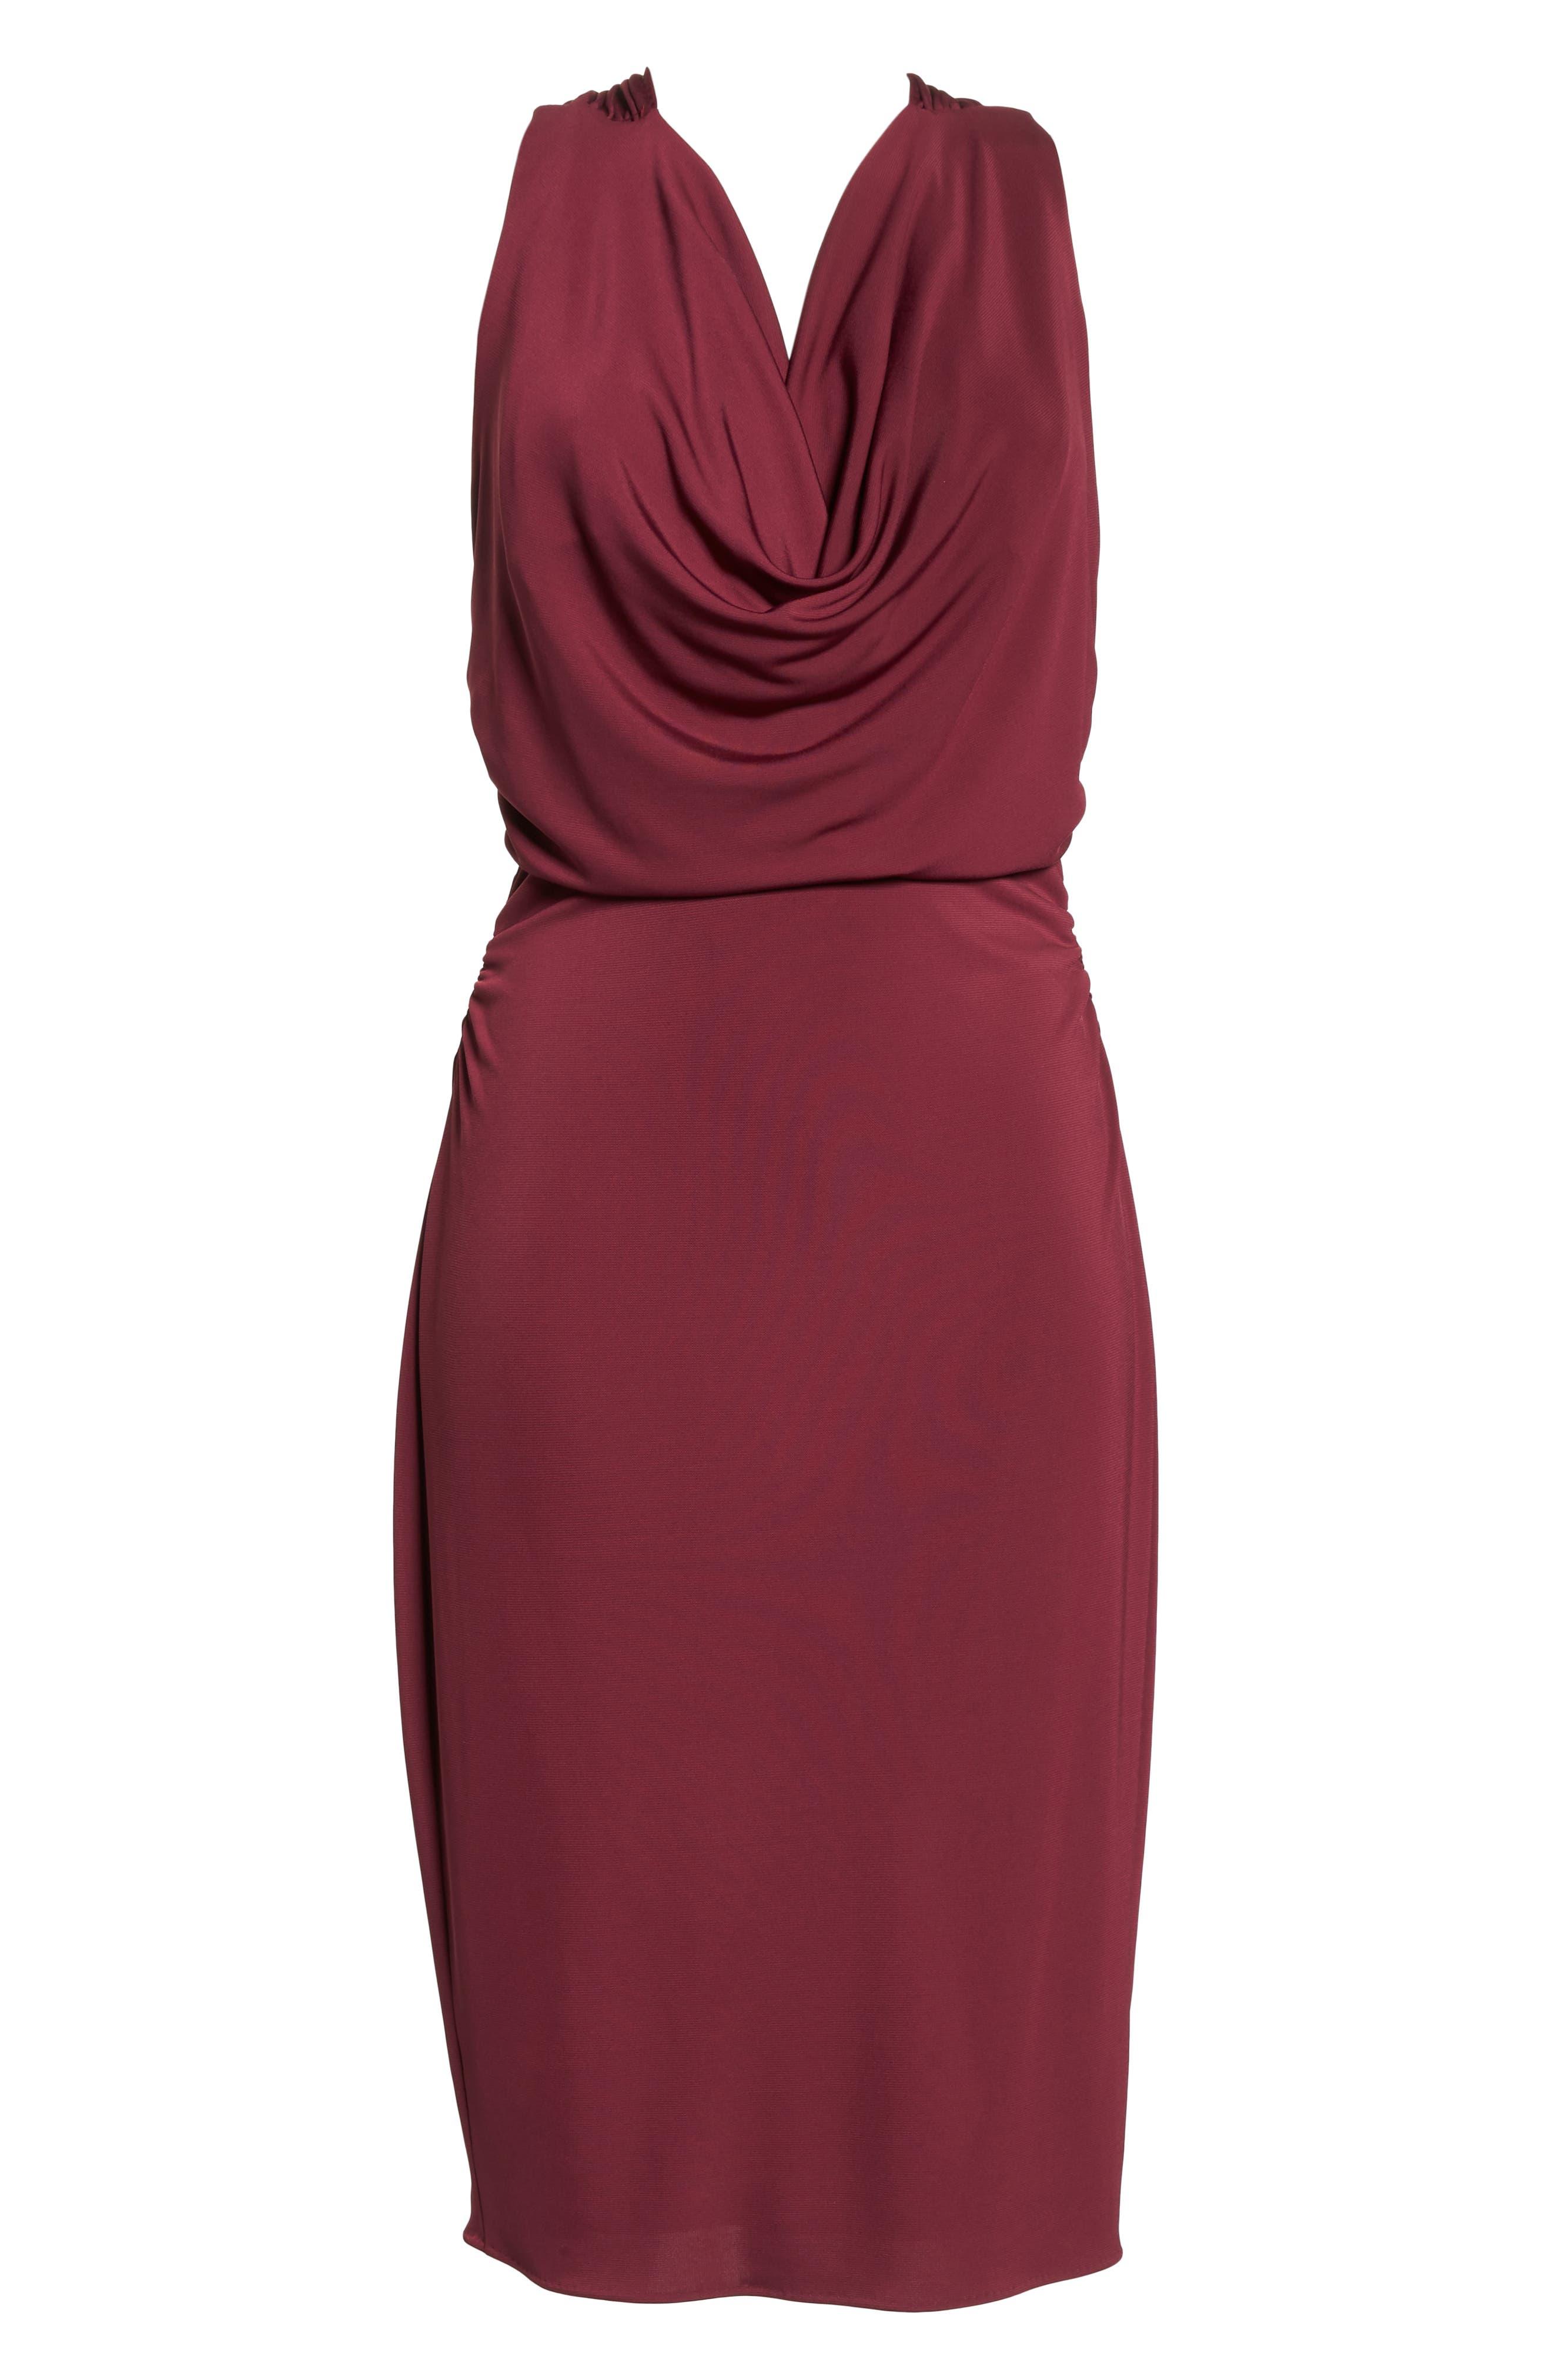 Elise Cowl Neck Sleeveless Dress,                             Alternate thumbnail 7, color,                             BURGUNDY